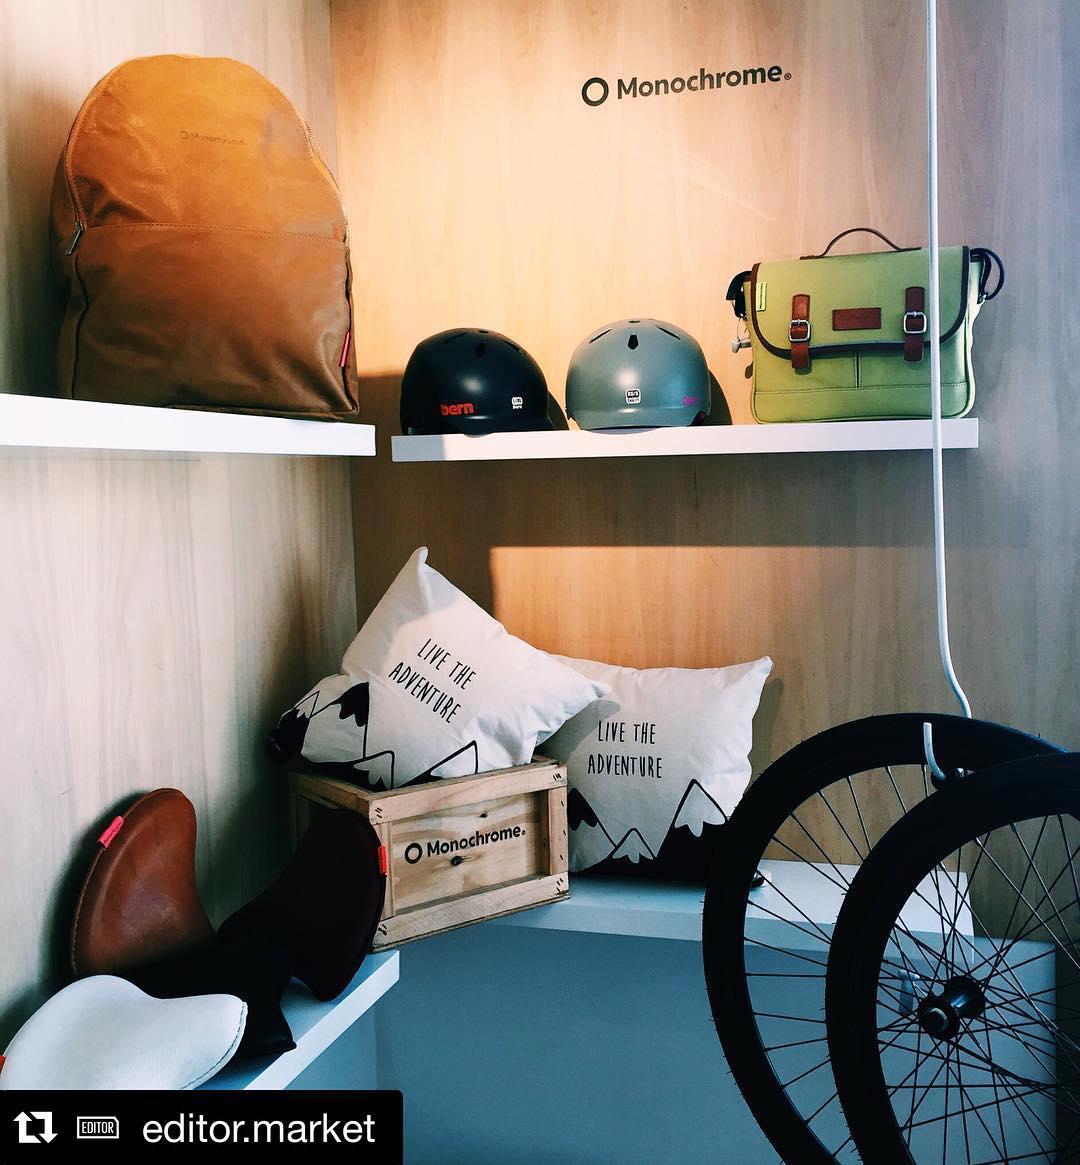 #Repost @editor.market with @repostapp. ・・・ Encontrá @monochromebikes en nuestras tiendas. Corrientes 503 | Dorrego 2133 | Tienda Online: www.editormarket.com.ar #NOEXCUSE #monochromebikes